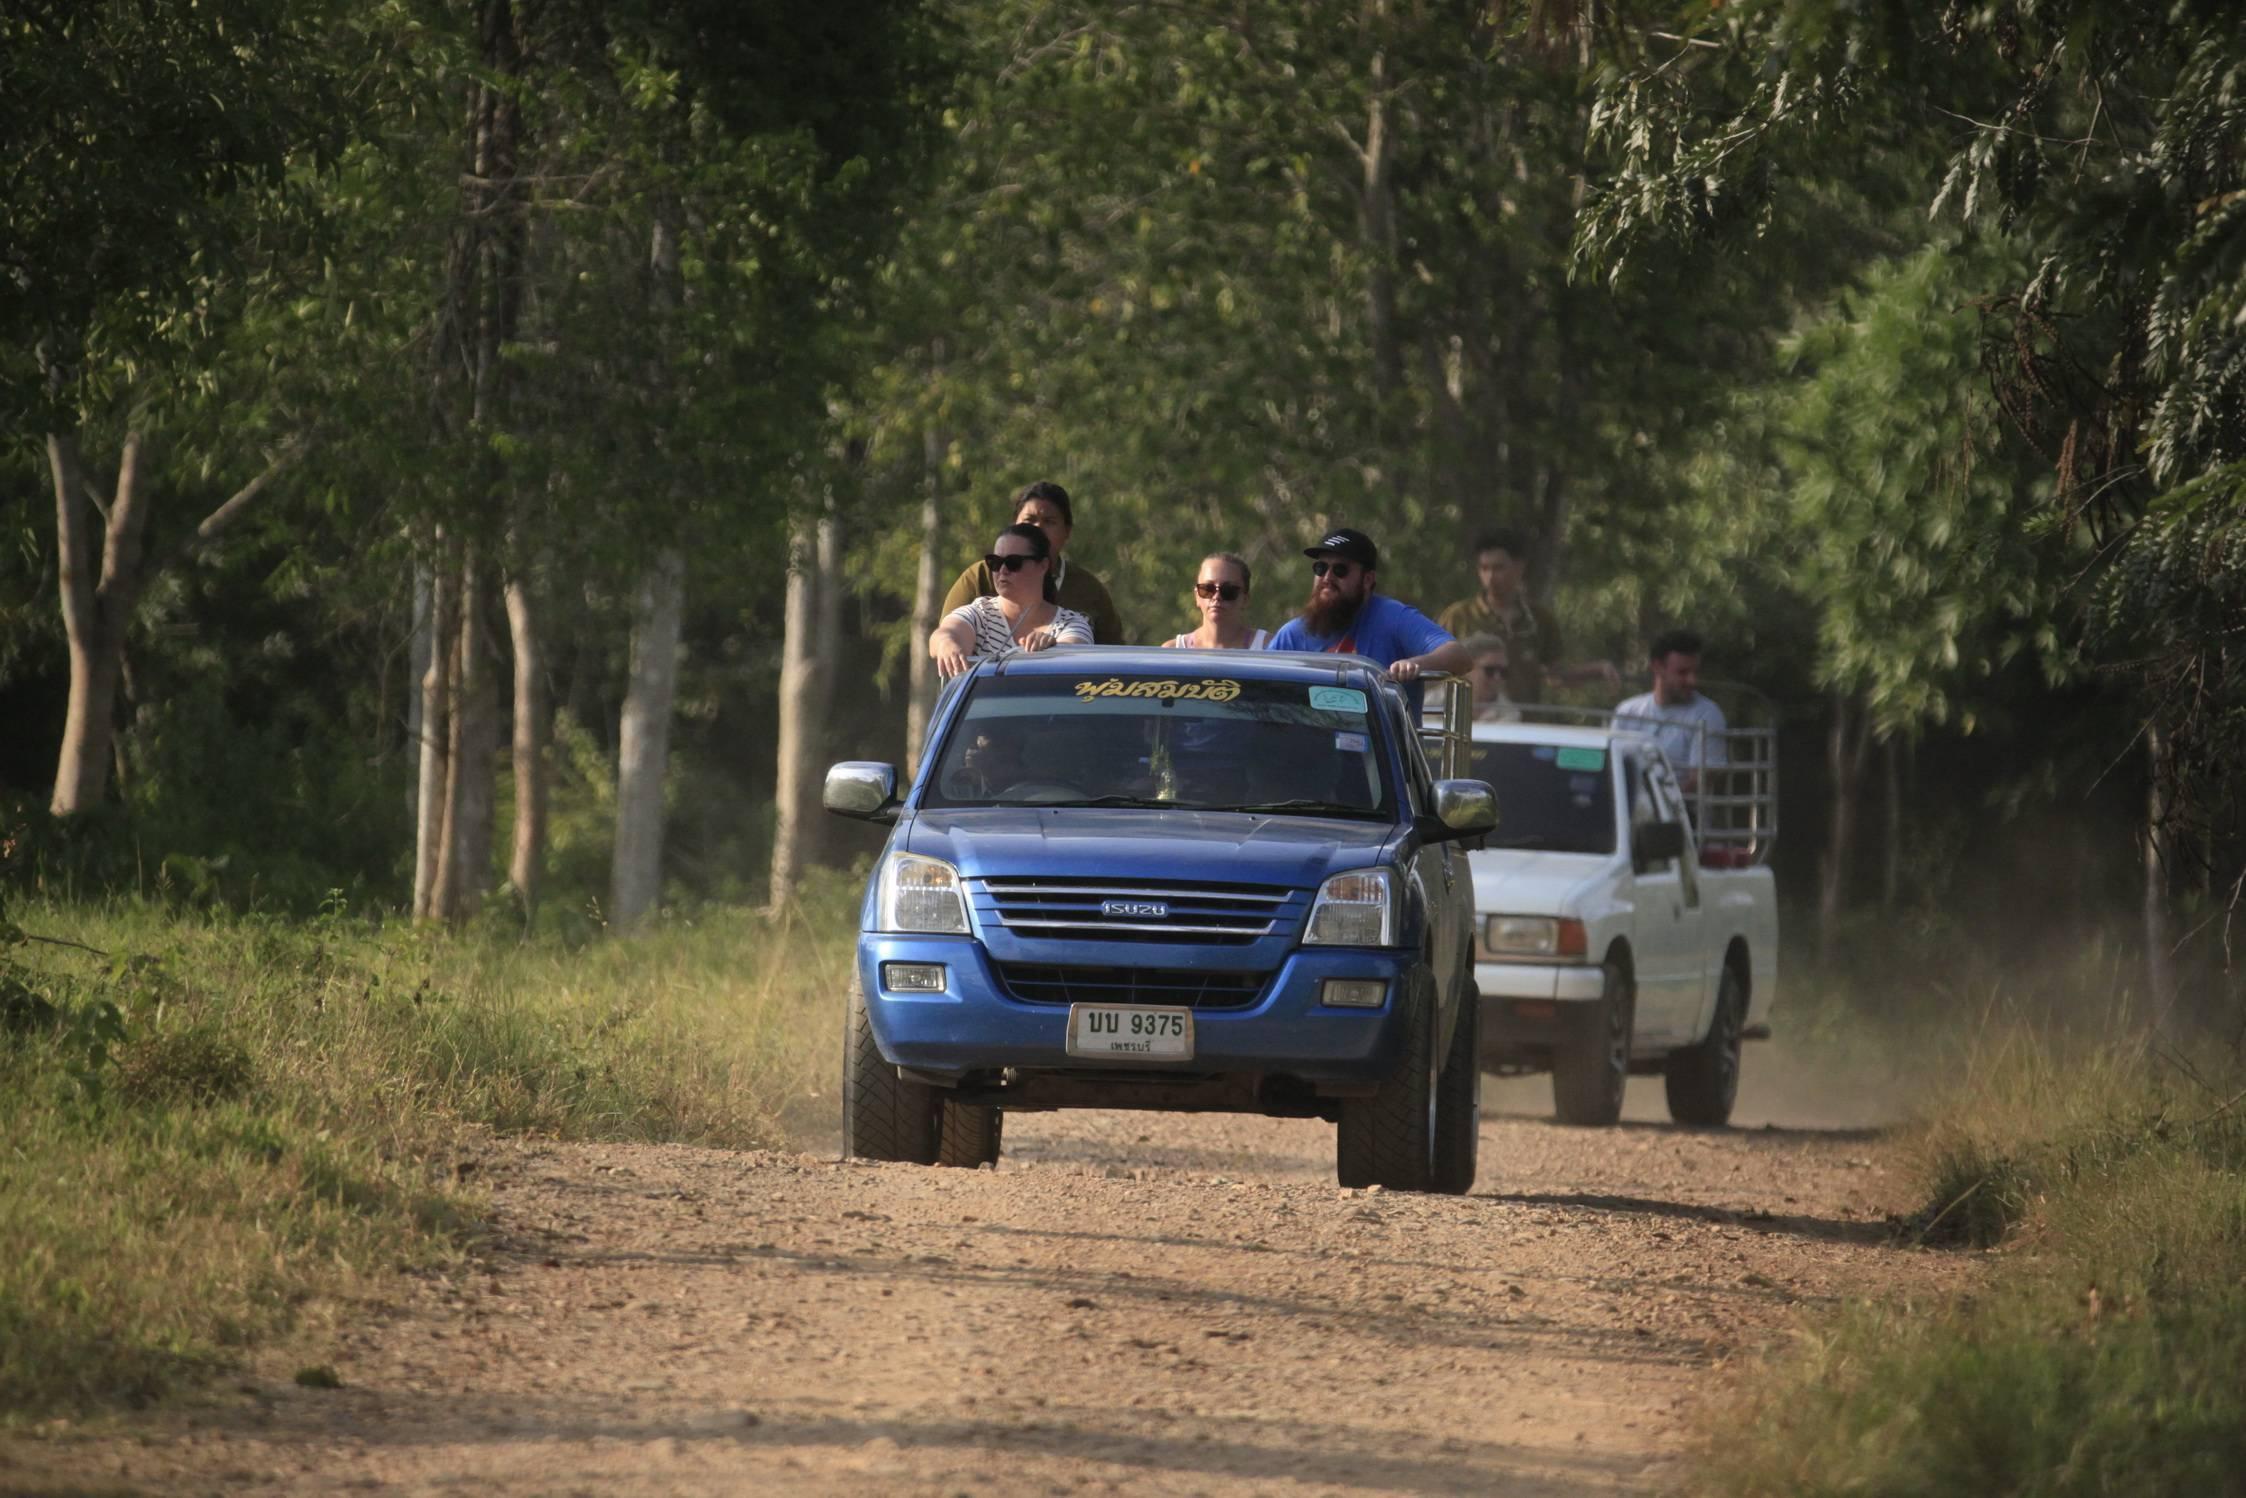 หนีร้อนมาผจญภัยป่าใหญ่ใกล้กรุงเทพฯ ที่อุทยานแห่งชาติกุยบุรี